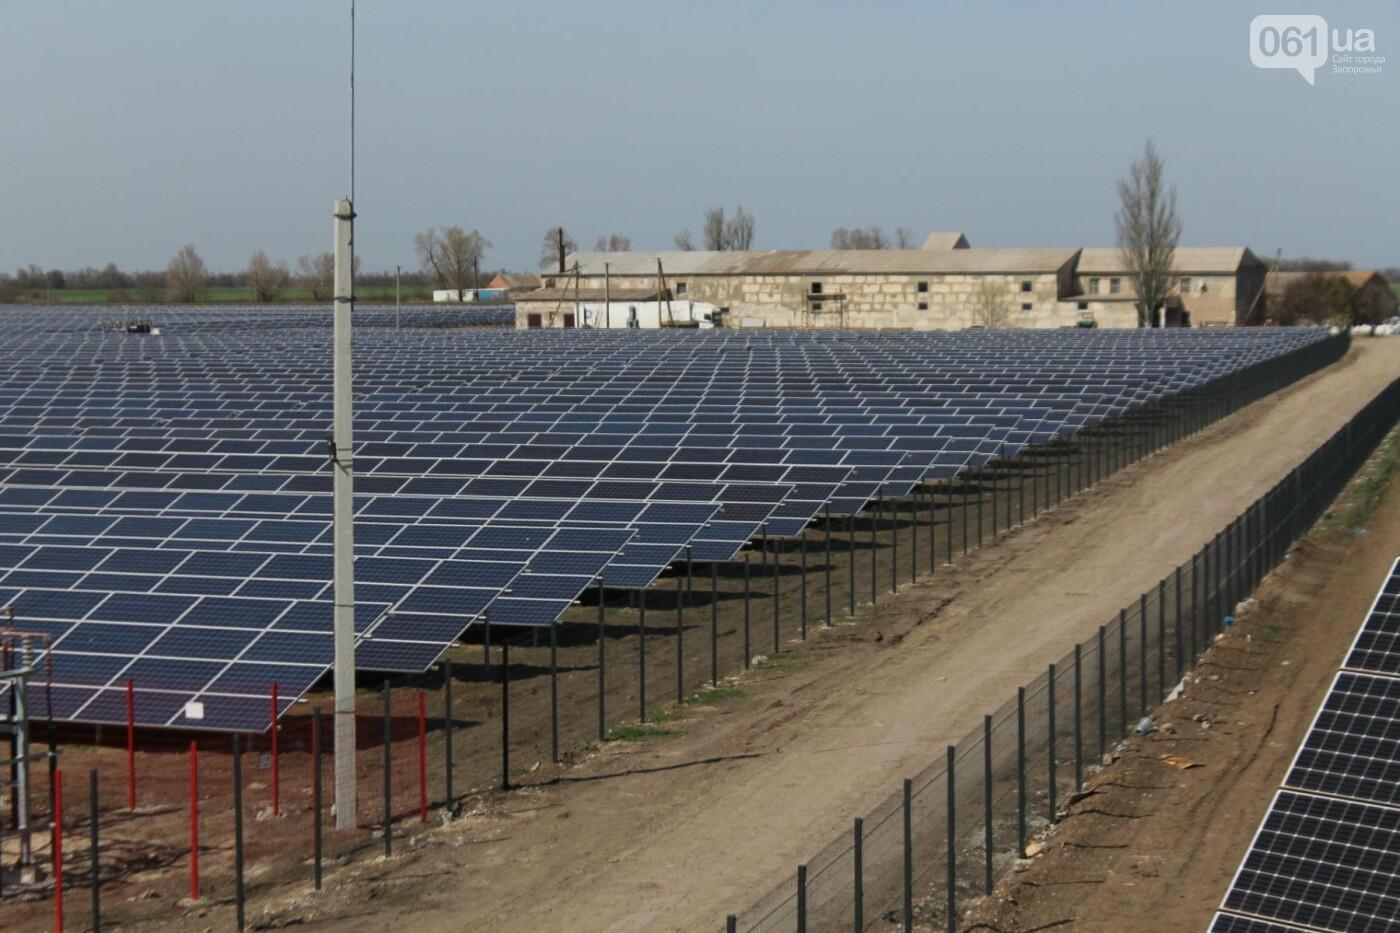 В запорожской громаде на месте свалки построили солнечную электростанцию: как она выглядит, – ФОТОРЕПОРТАЖ, фото-4